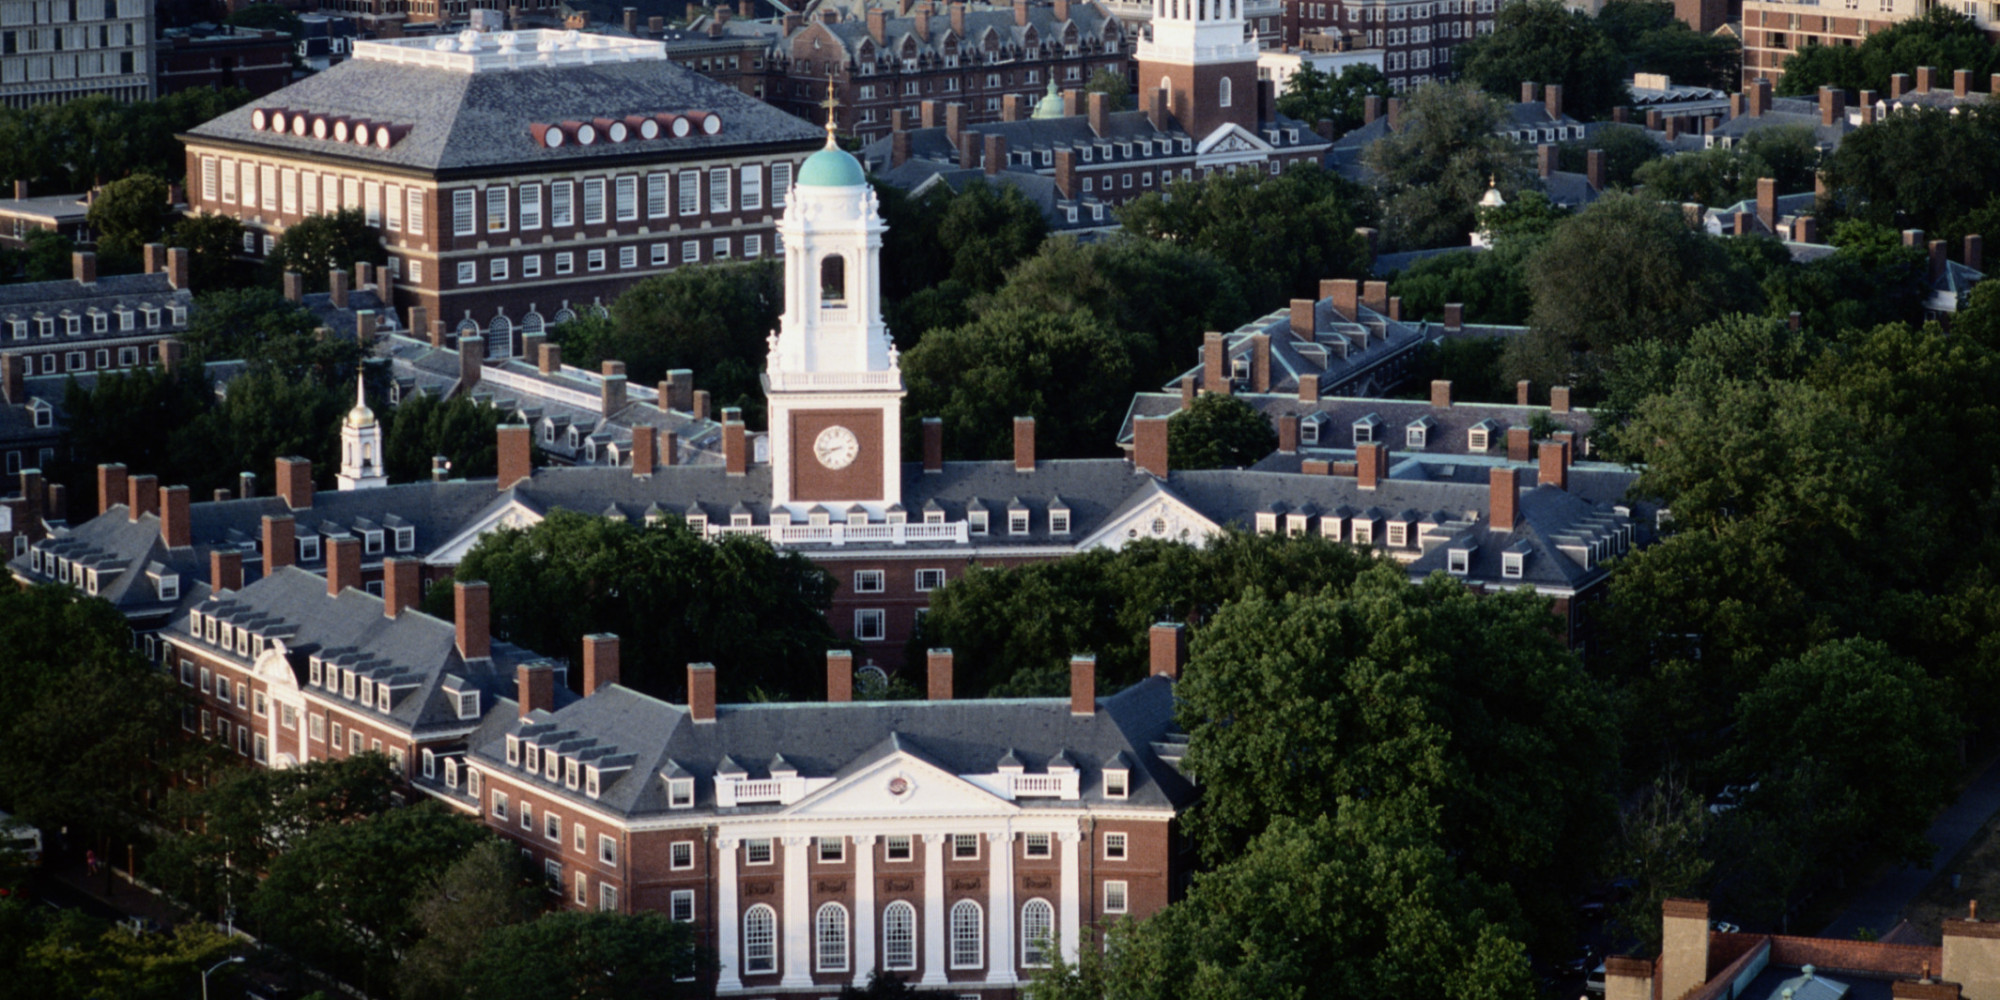 La Universidad de Harvard es la institución de educación superior más antigua de Estados Unidos y una de las universidades más prestigiosas del mundo.